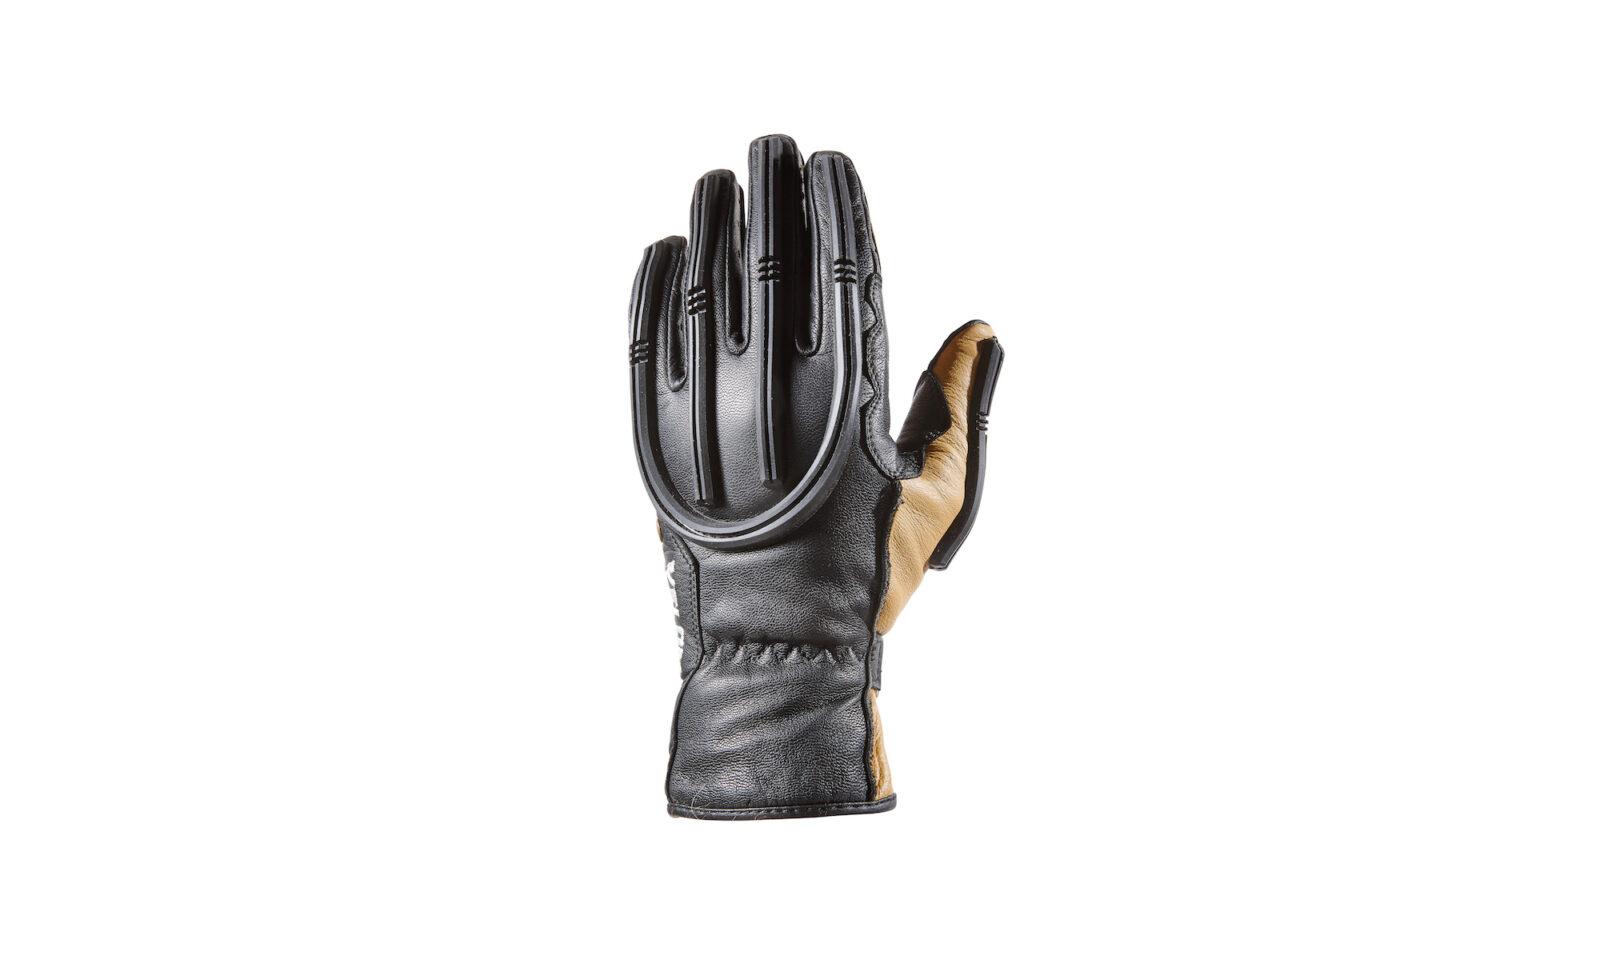 Velomacchi Speedway Gloves 1600x971 - Velomacchi Speedway Gloves